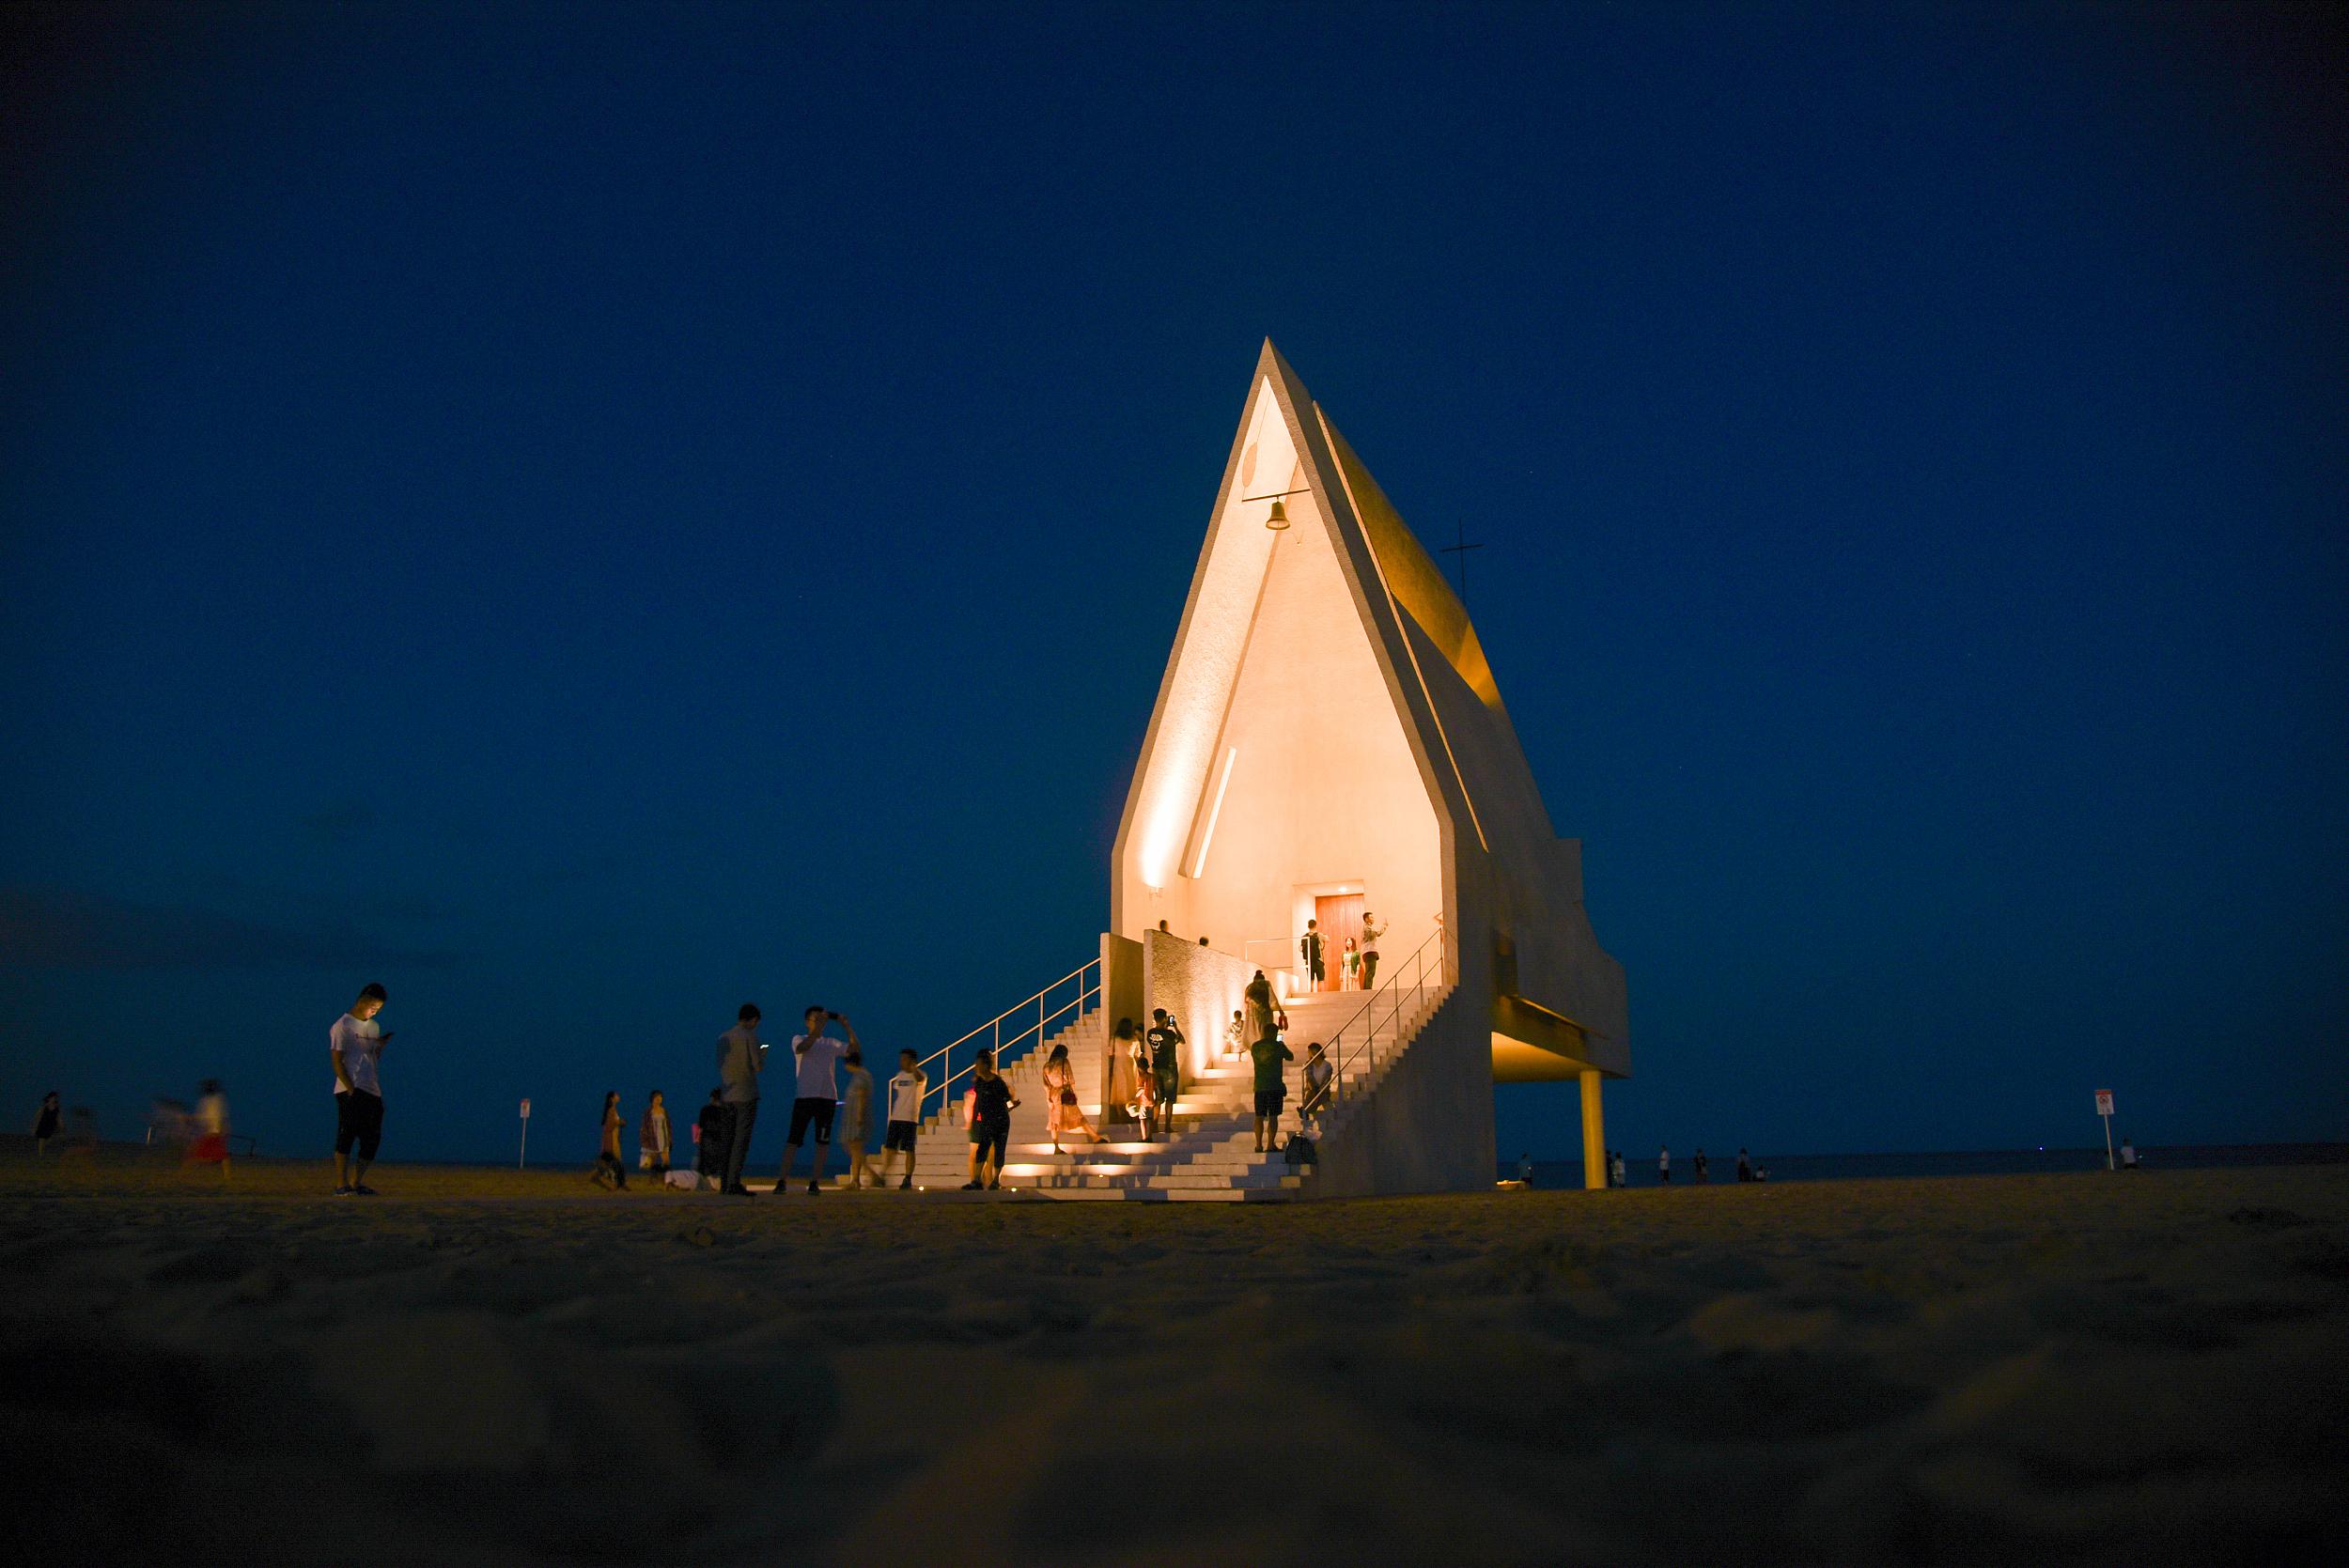 365体育秦皇岛:阿那亚礼堂夜景